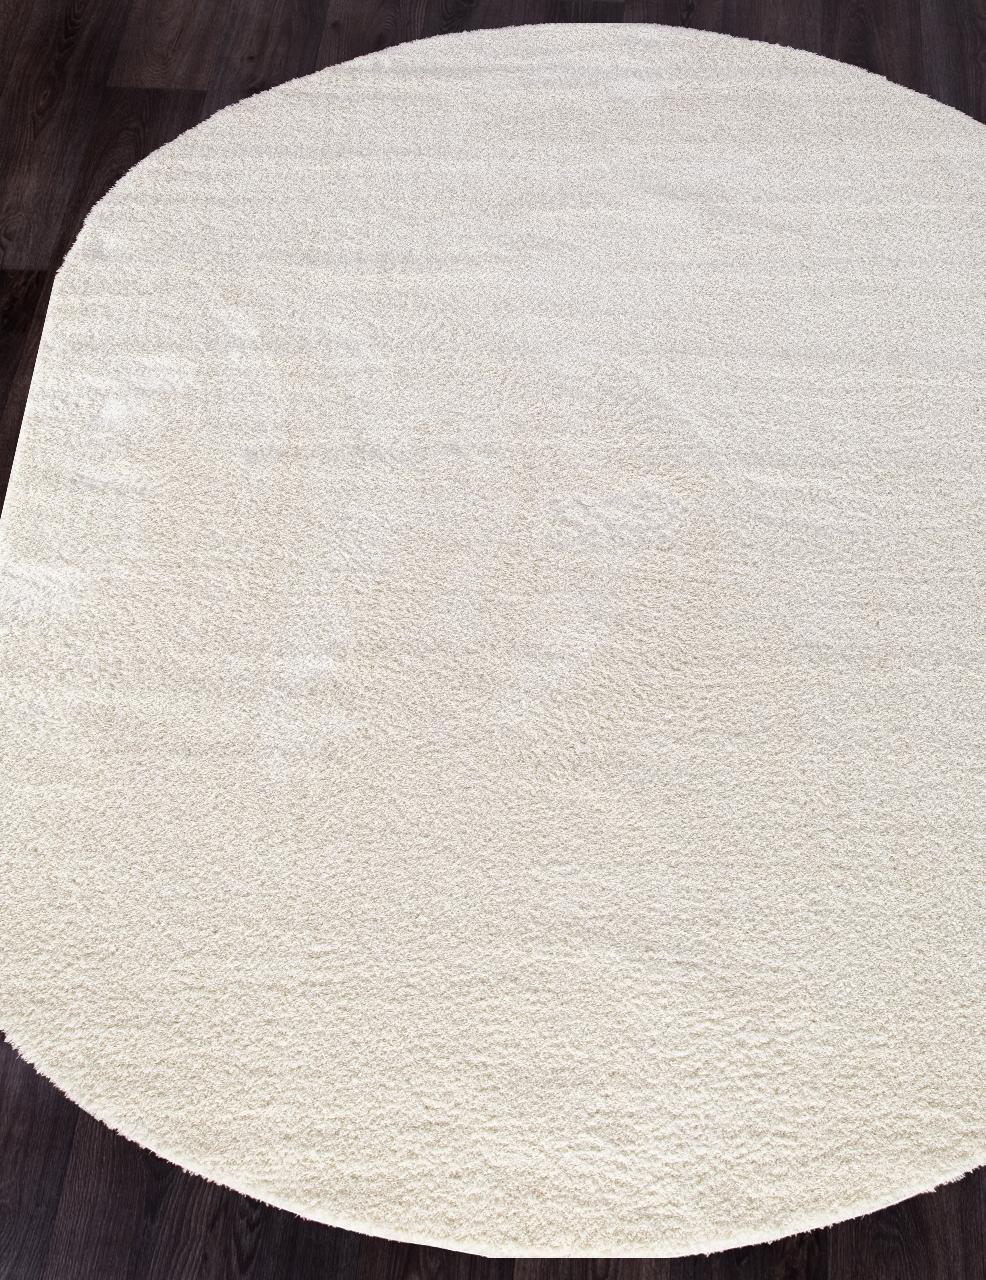 Ковер 80084 - 060 - Овал - коллекция SOFI - фото 1